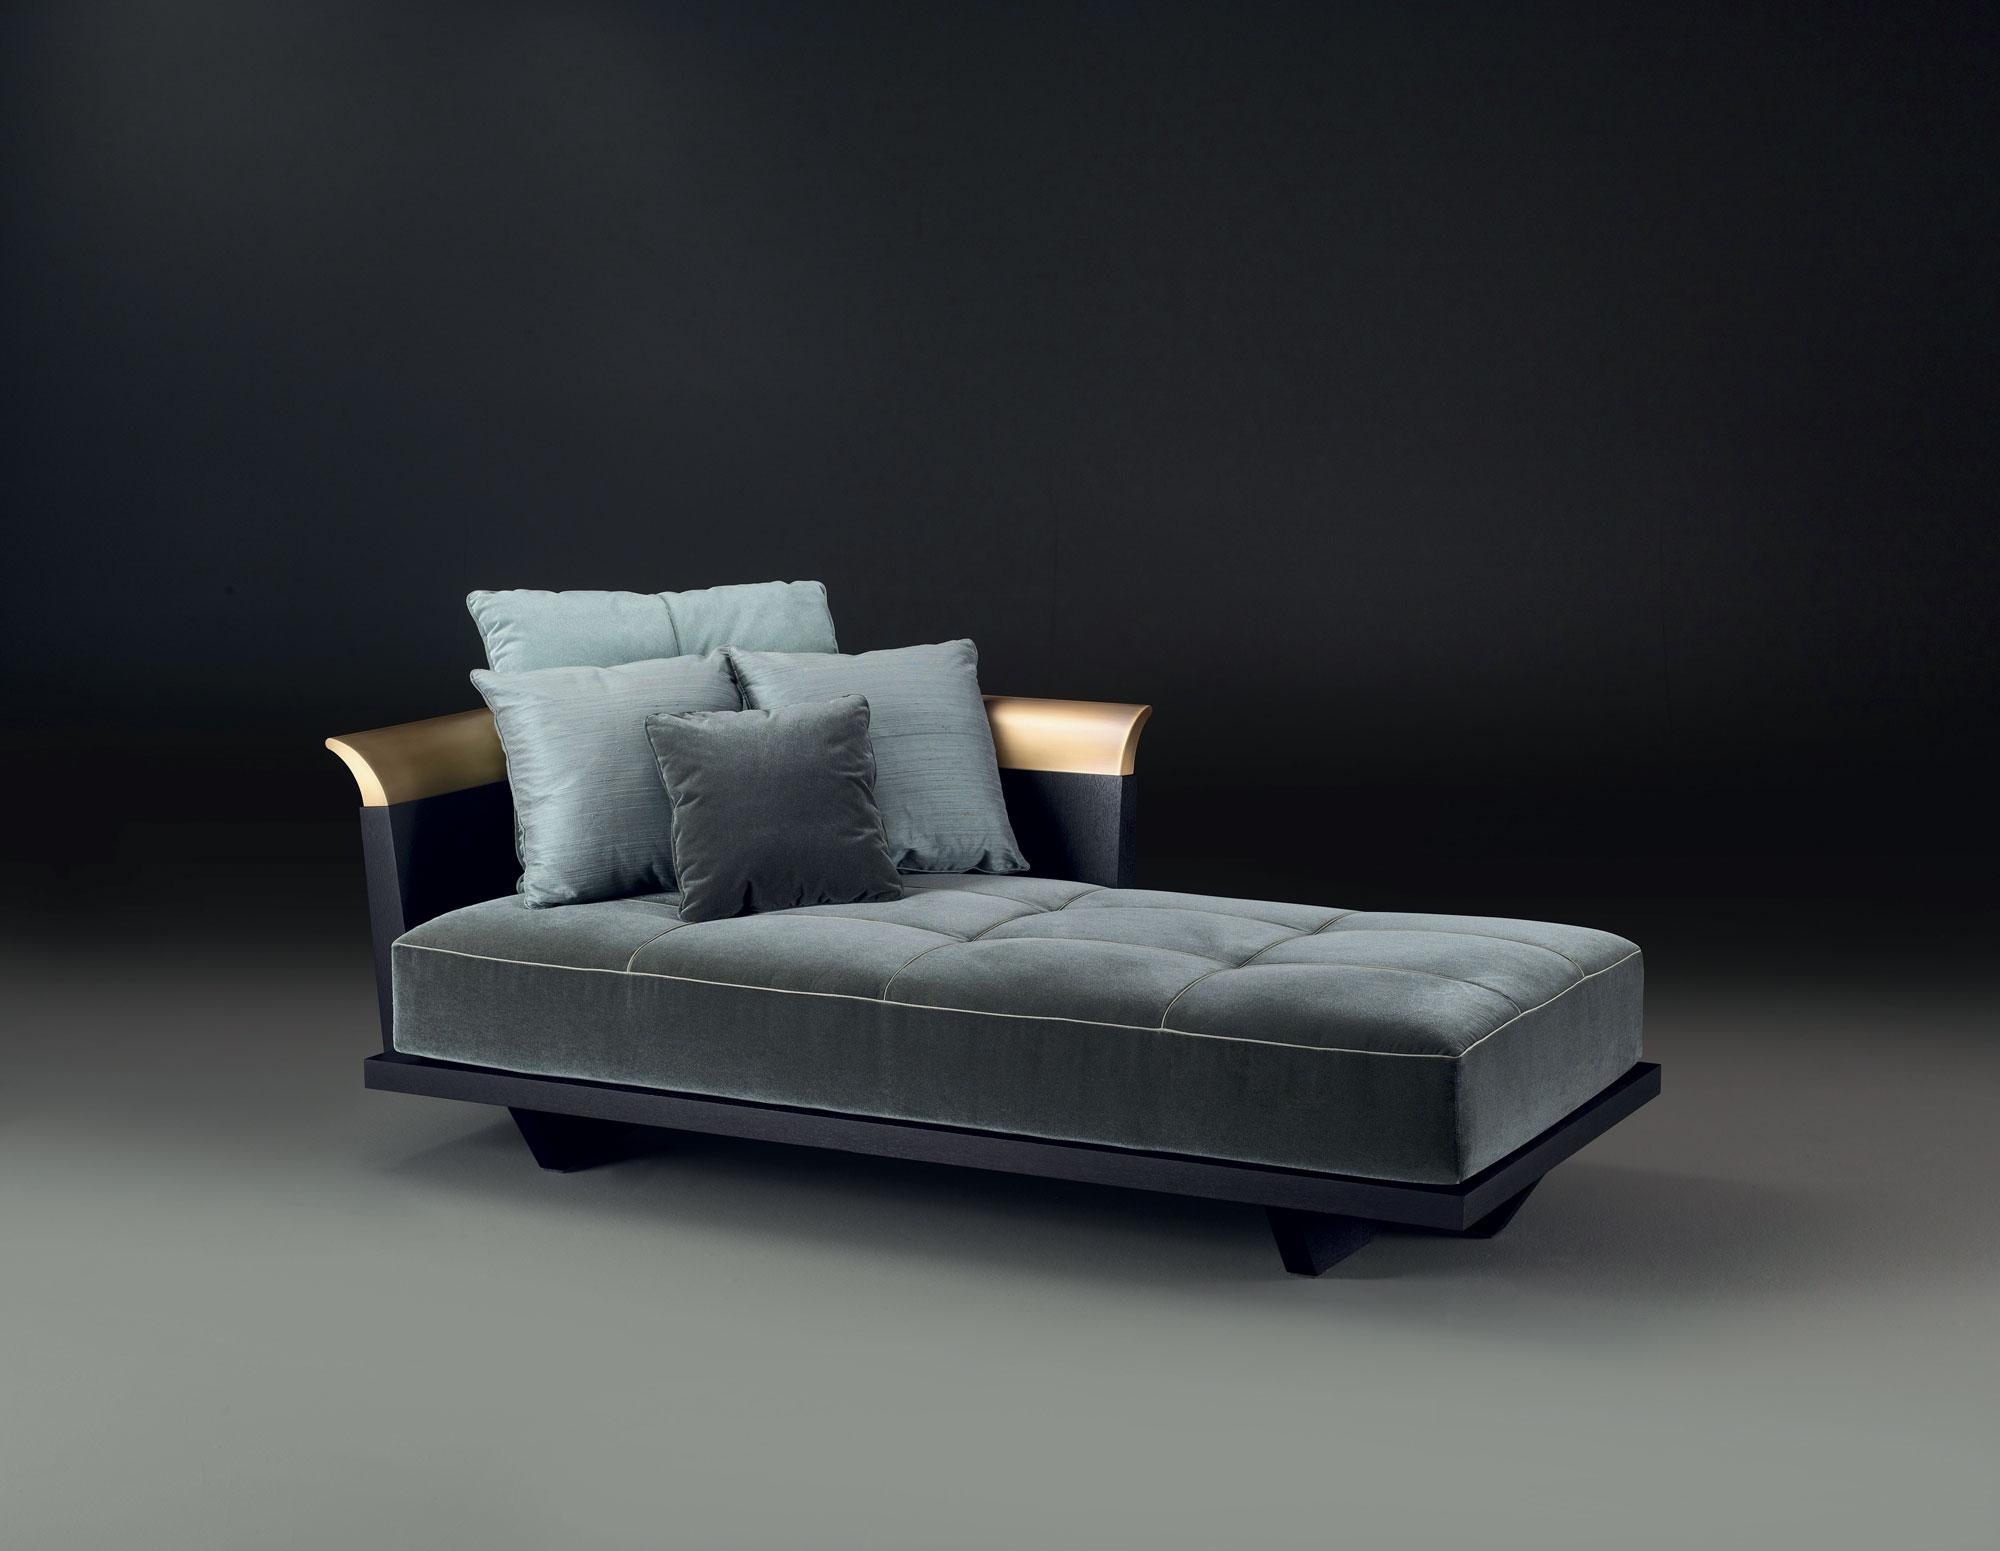 Komodo, chaise longue; design by Romeo Sozzi – Photo Credit: Promemoria